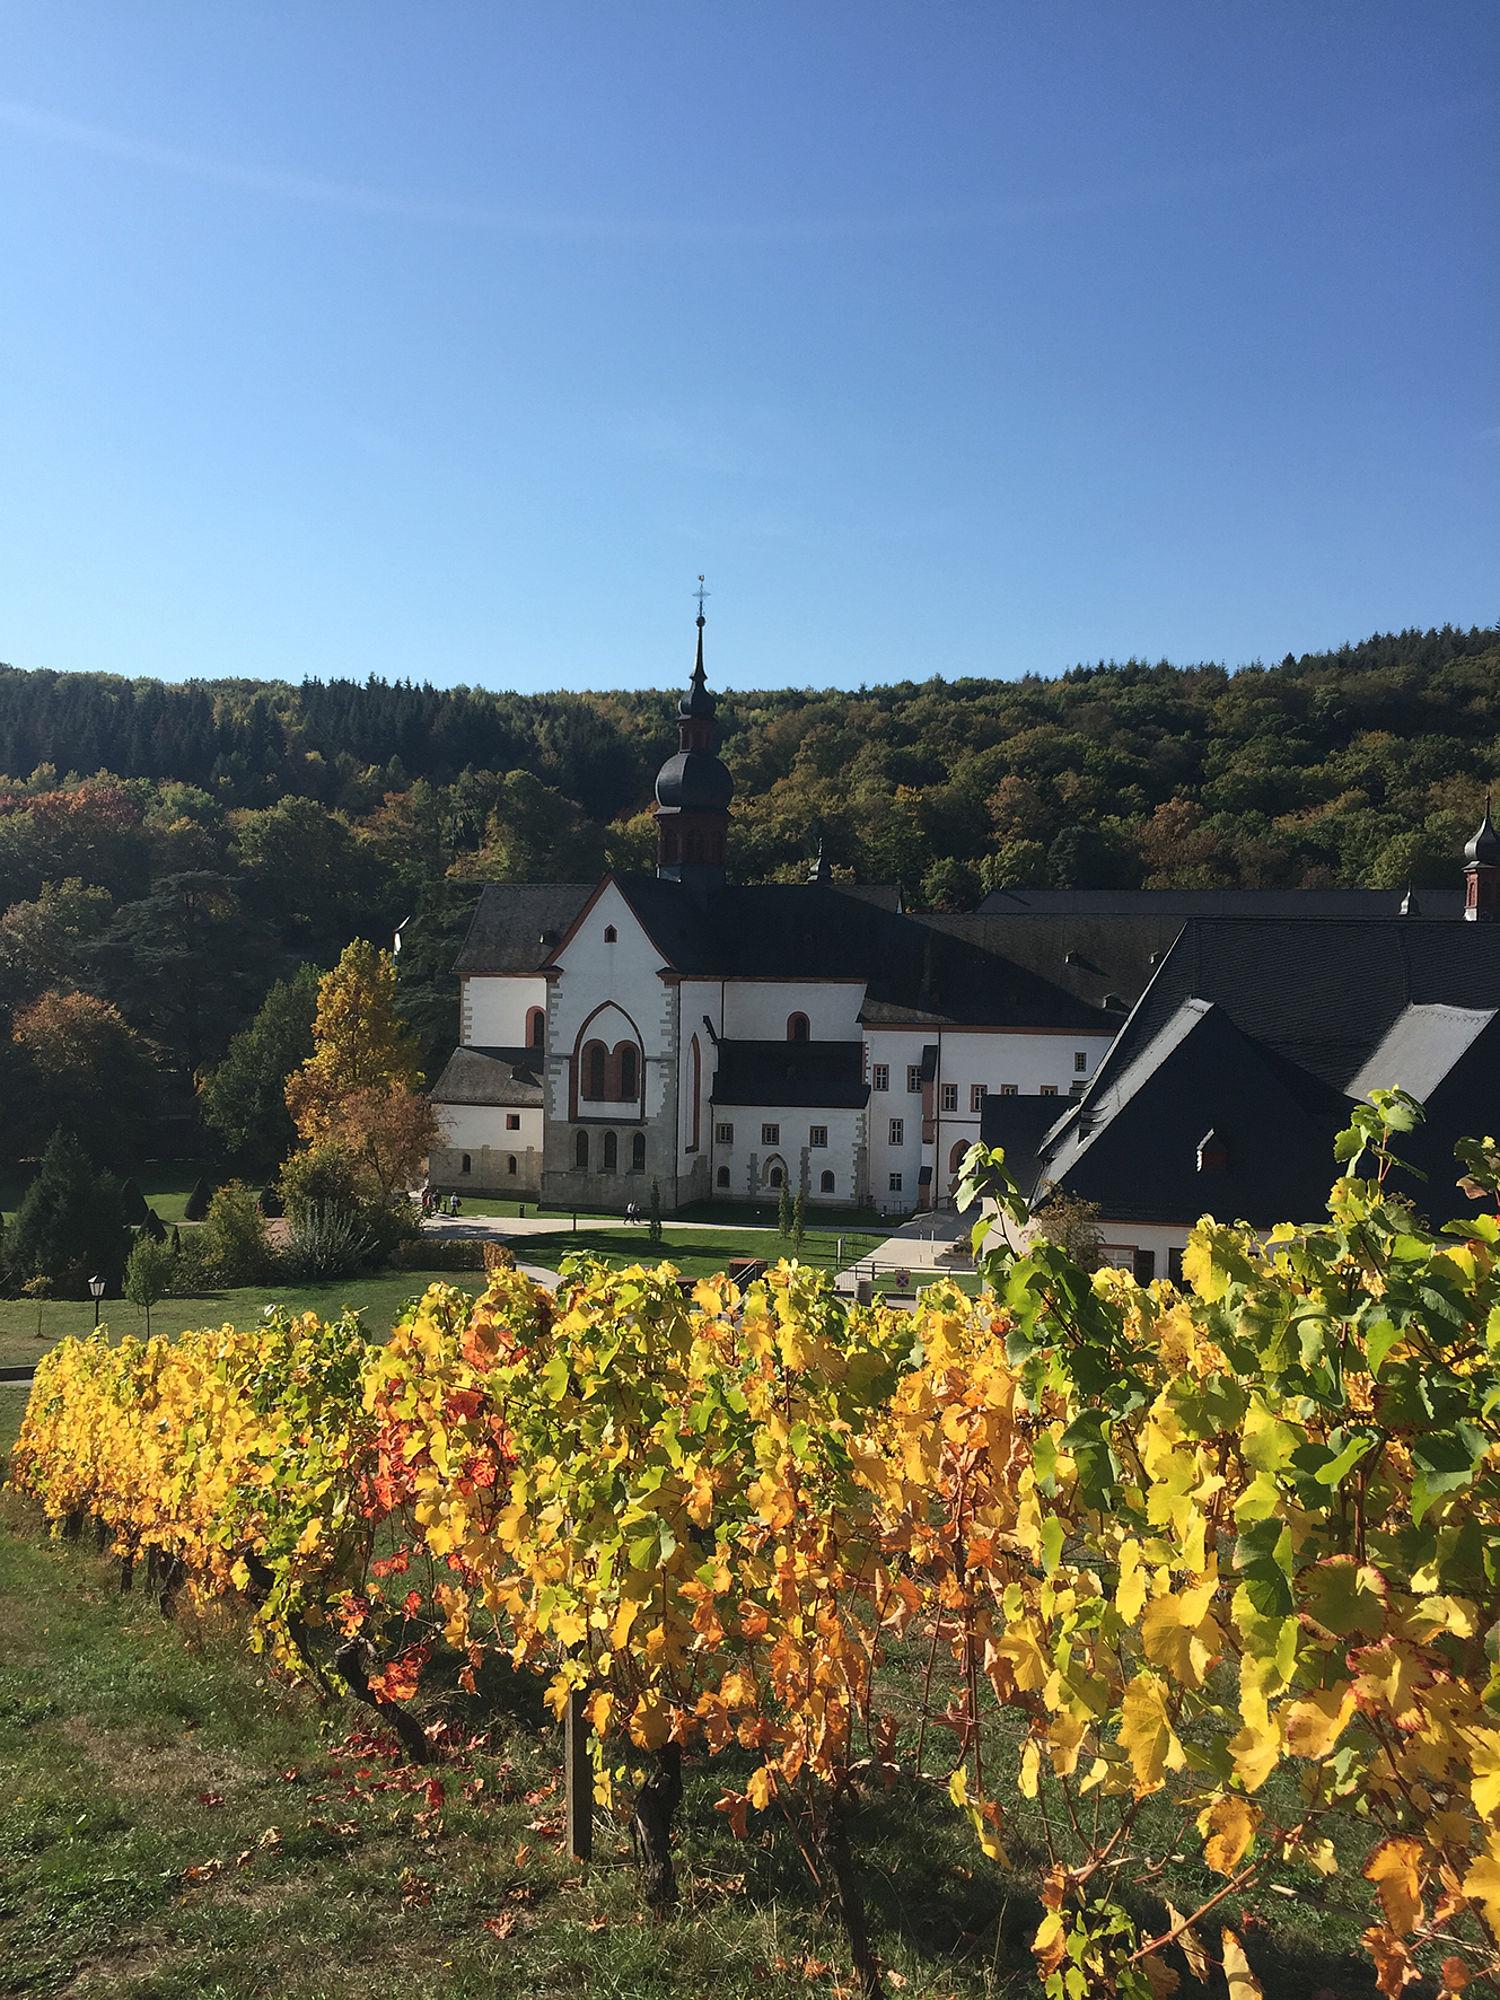 Kloster Eberbach Im Herbst